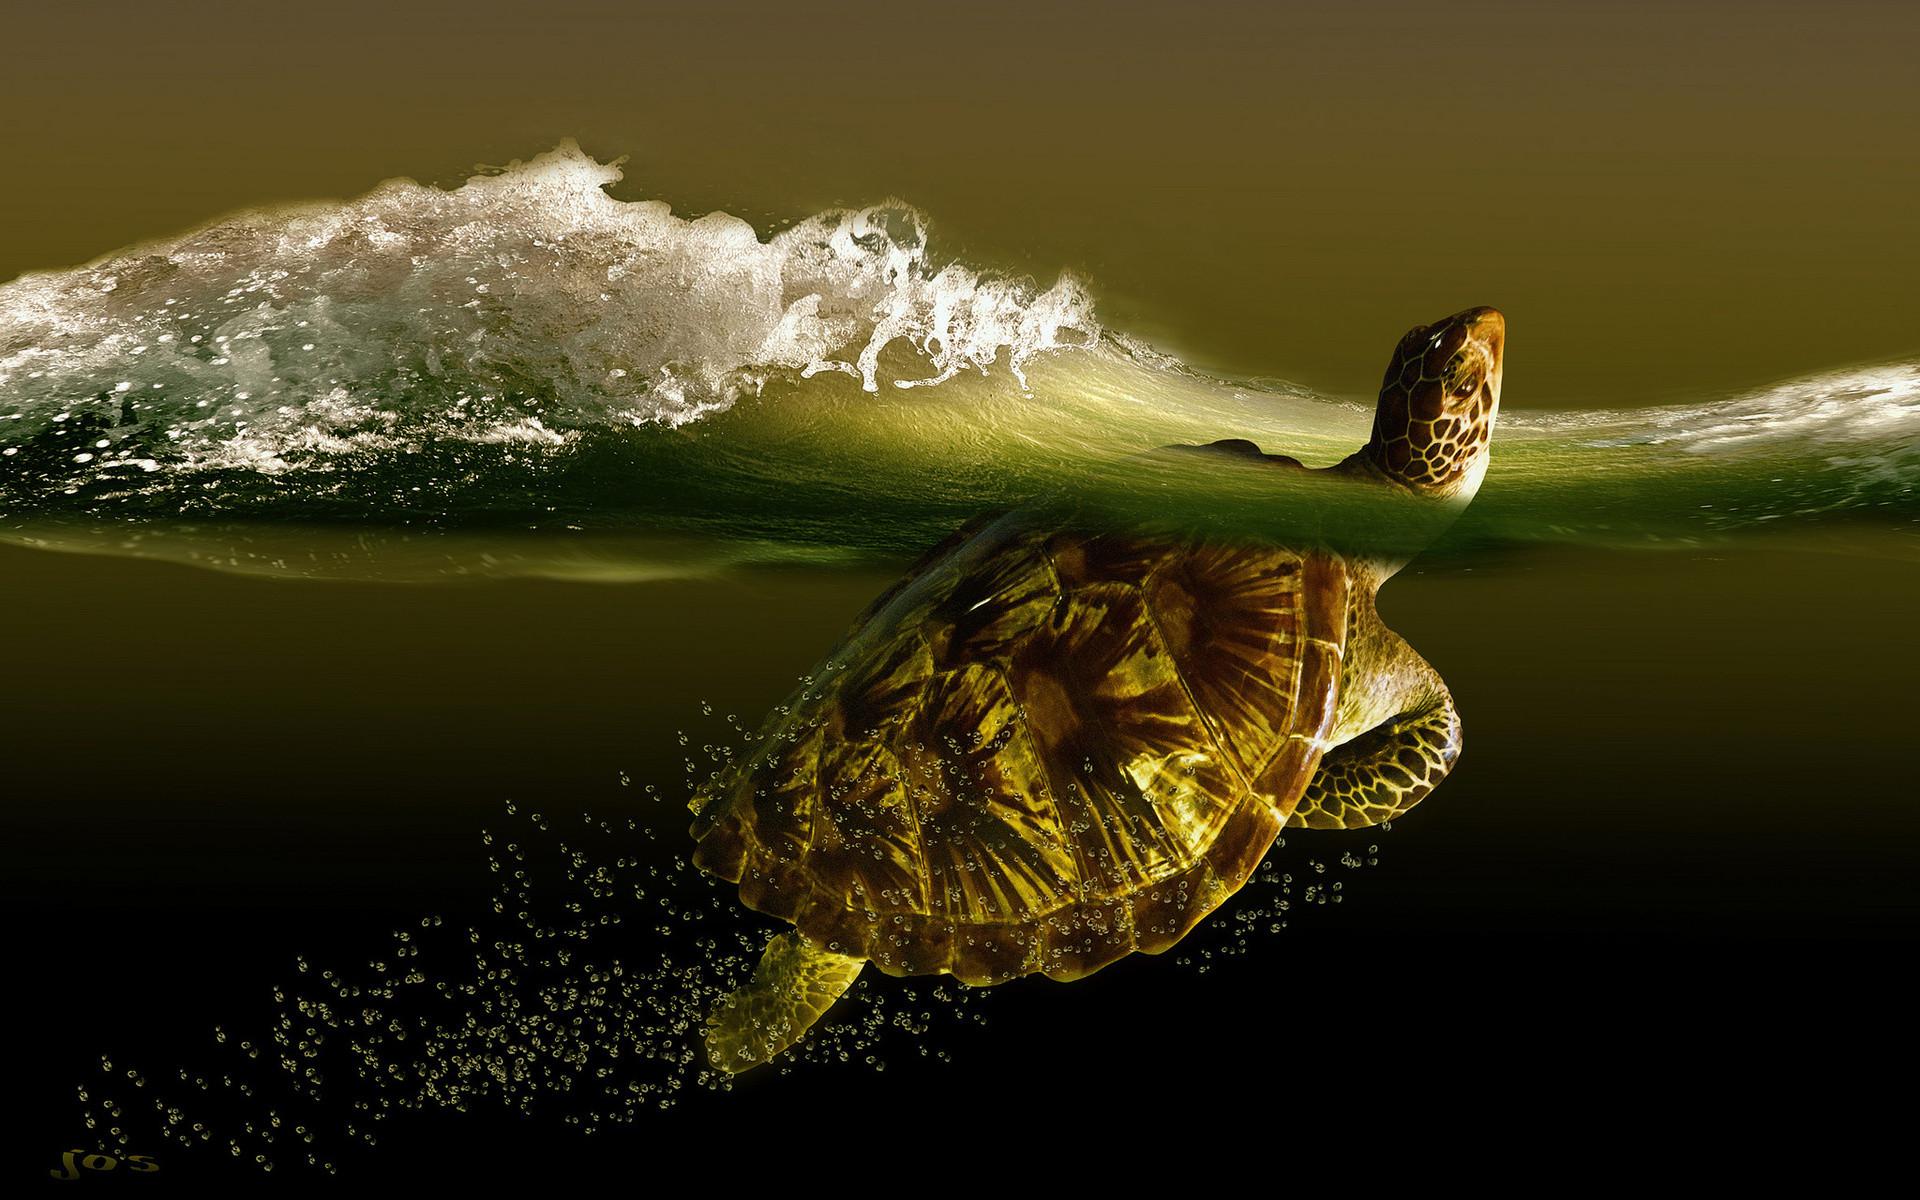 Обои для рабочего стола черепаха в воде